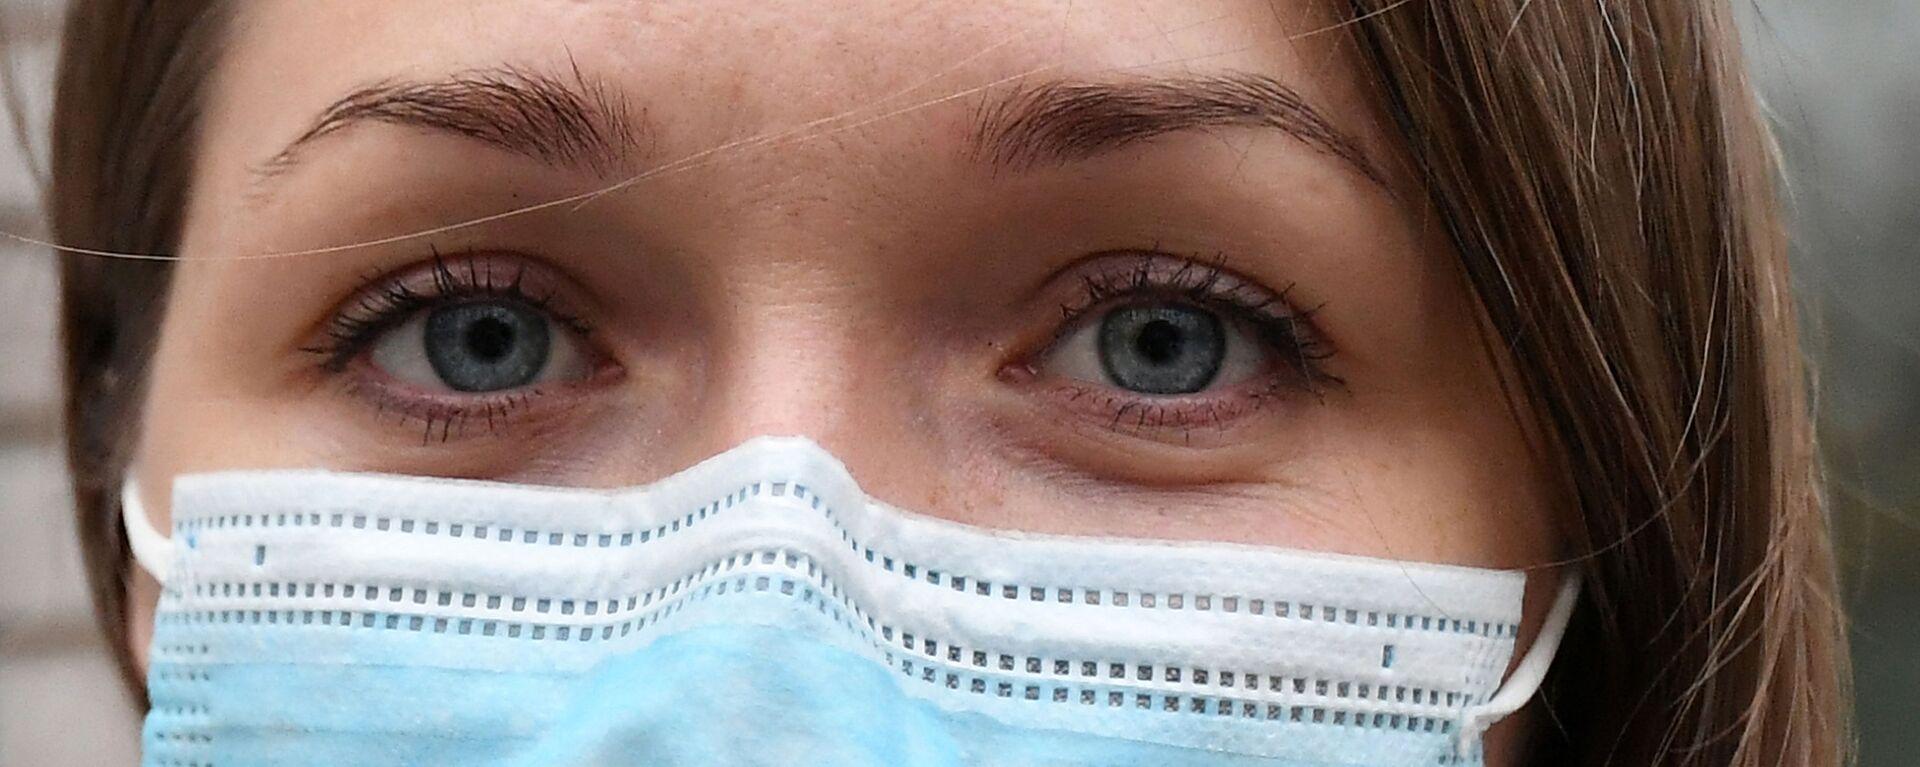 Старшая медсестра нового временного инфекционного ковид-госпиталя в Красноярске - Sputnik Латвия, 1920, 13.07.2021